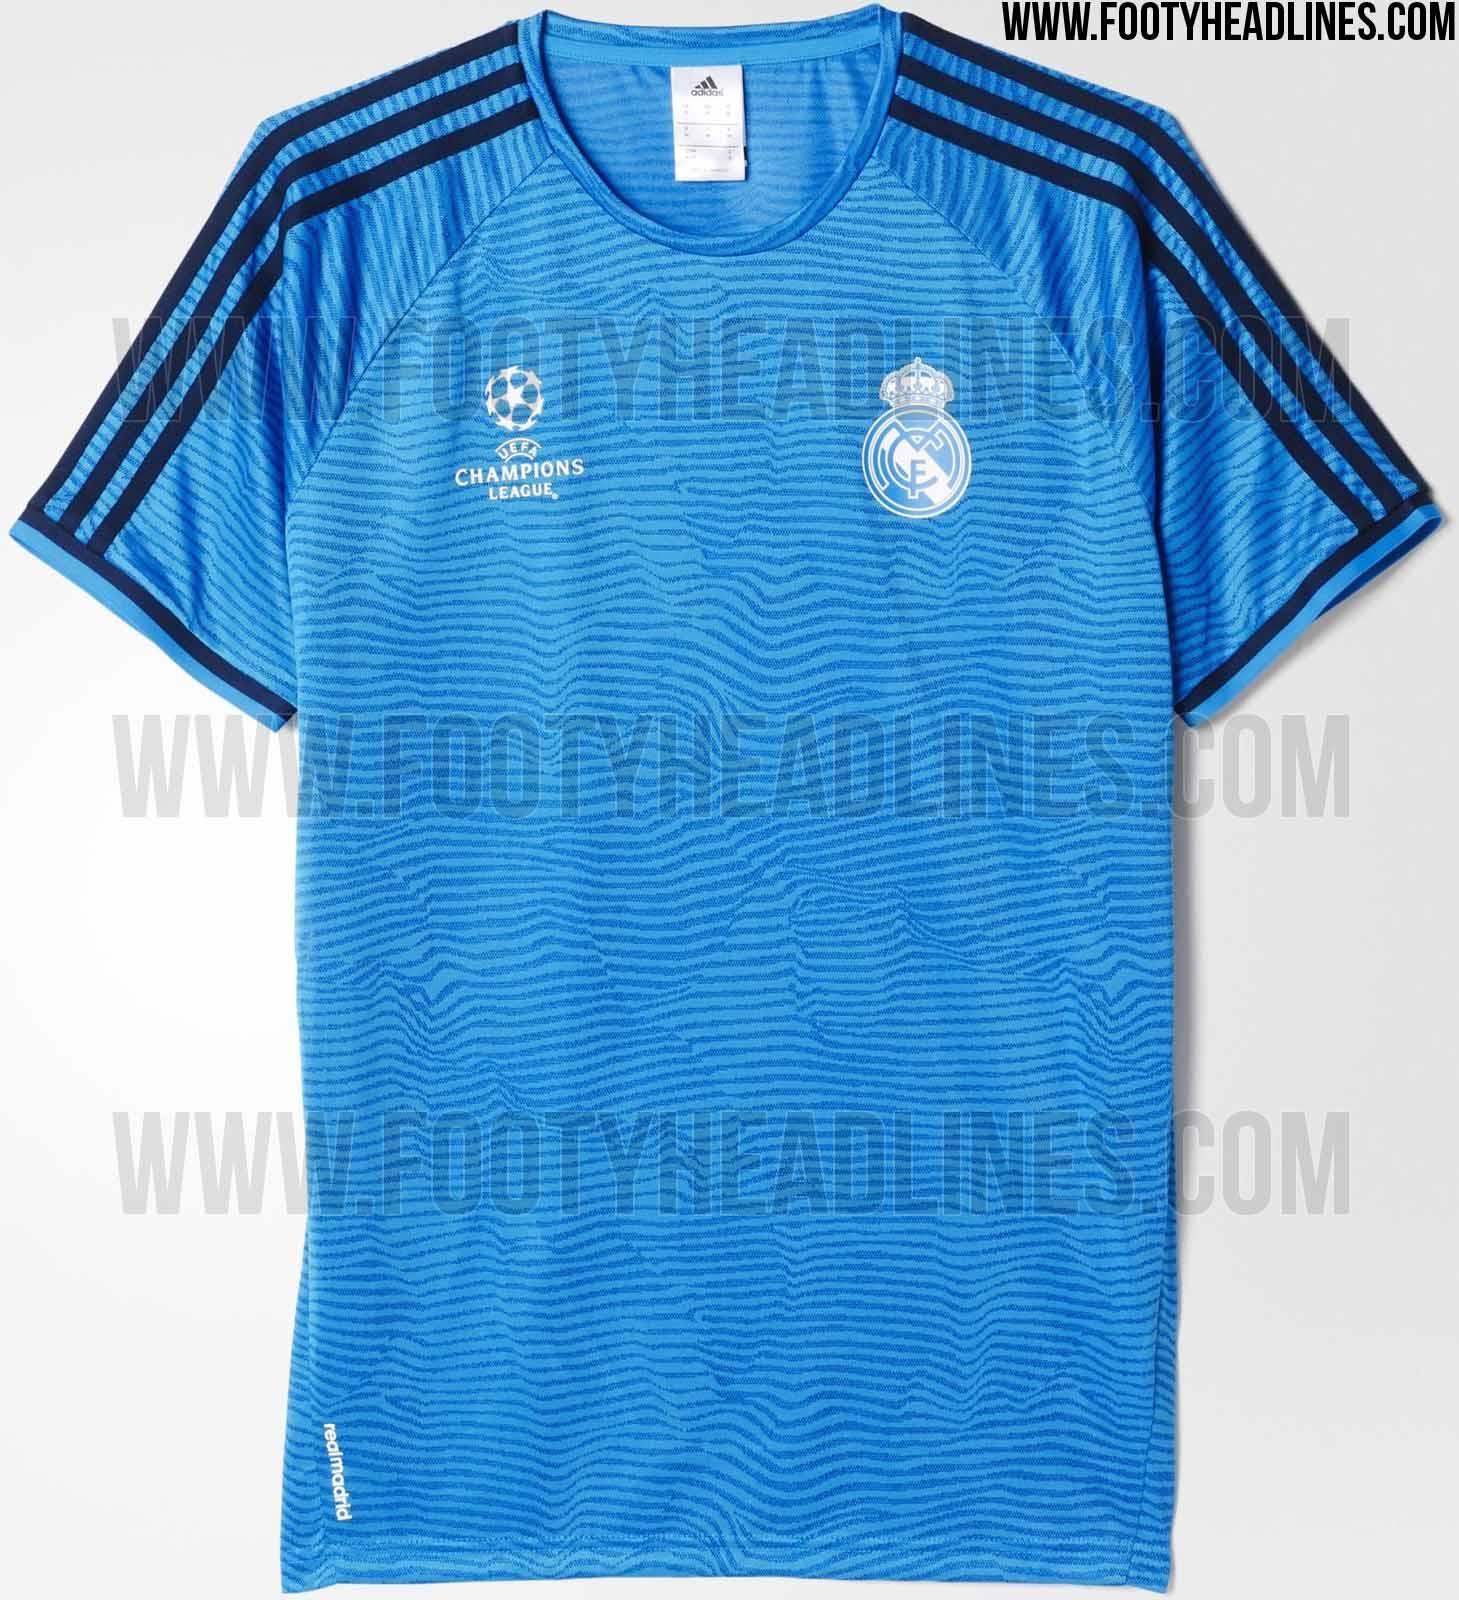 b37e9460fa2f0 La camiseta de entrenamiento del Real Madrid 2015 16 será azul ...